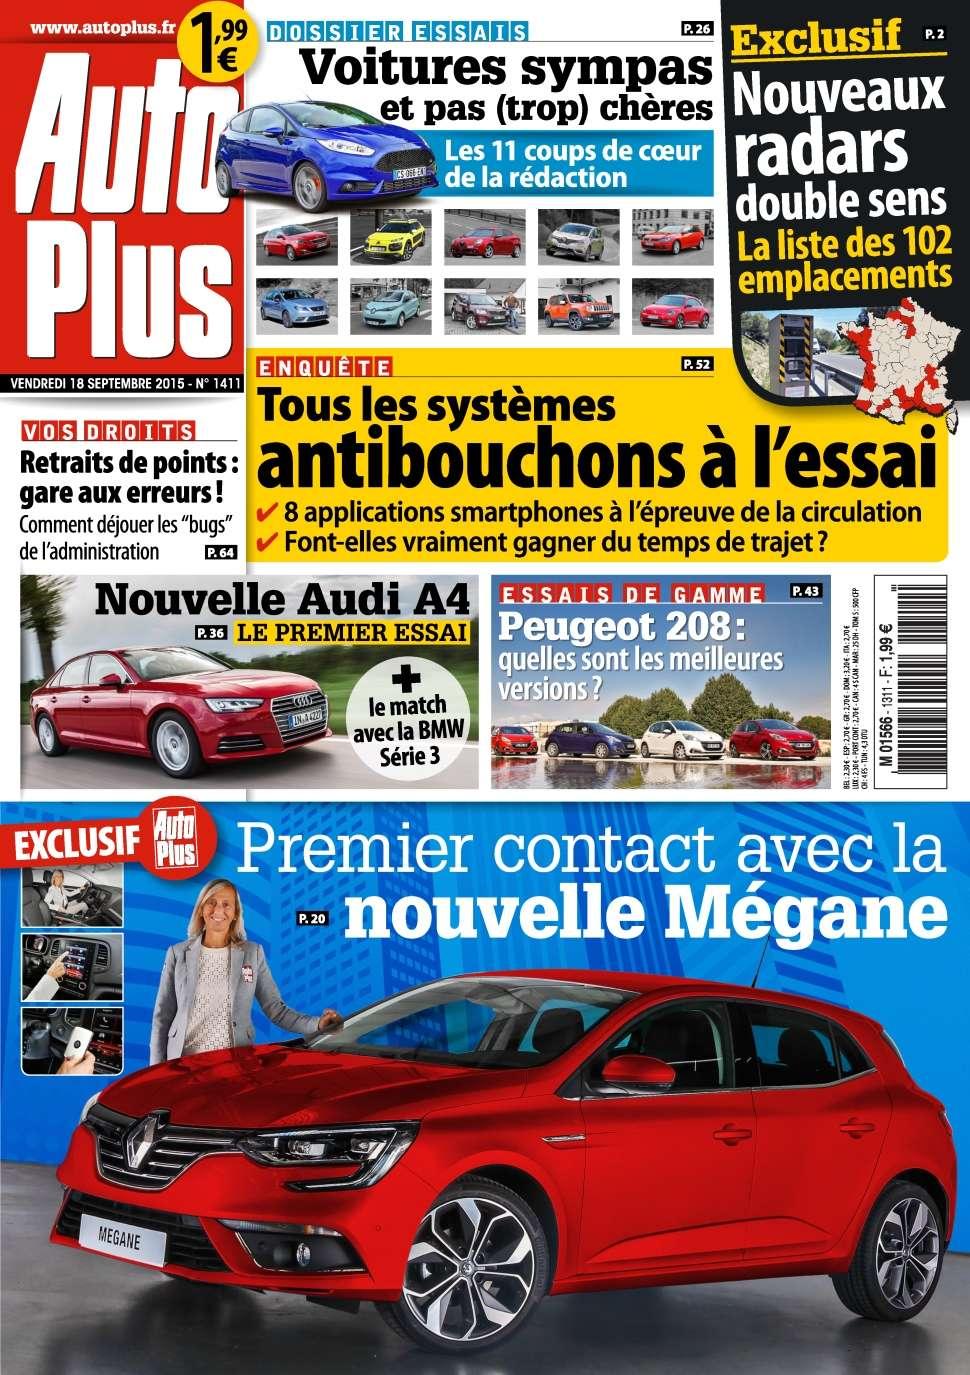 Auto Plus 1411 - 18 au 24 Septembre 2015